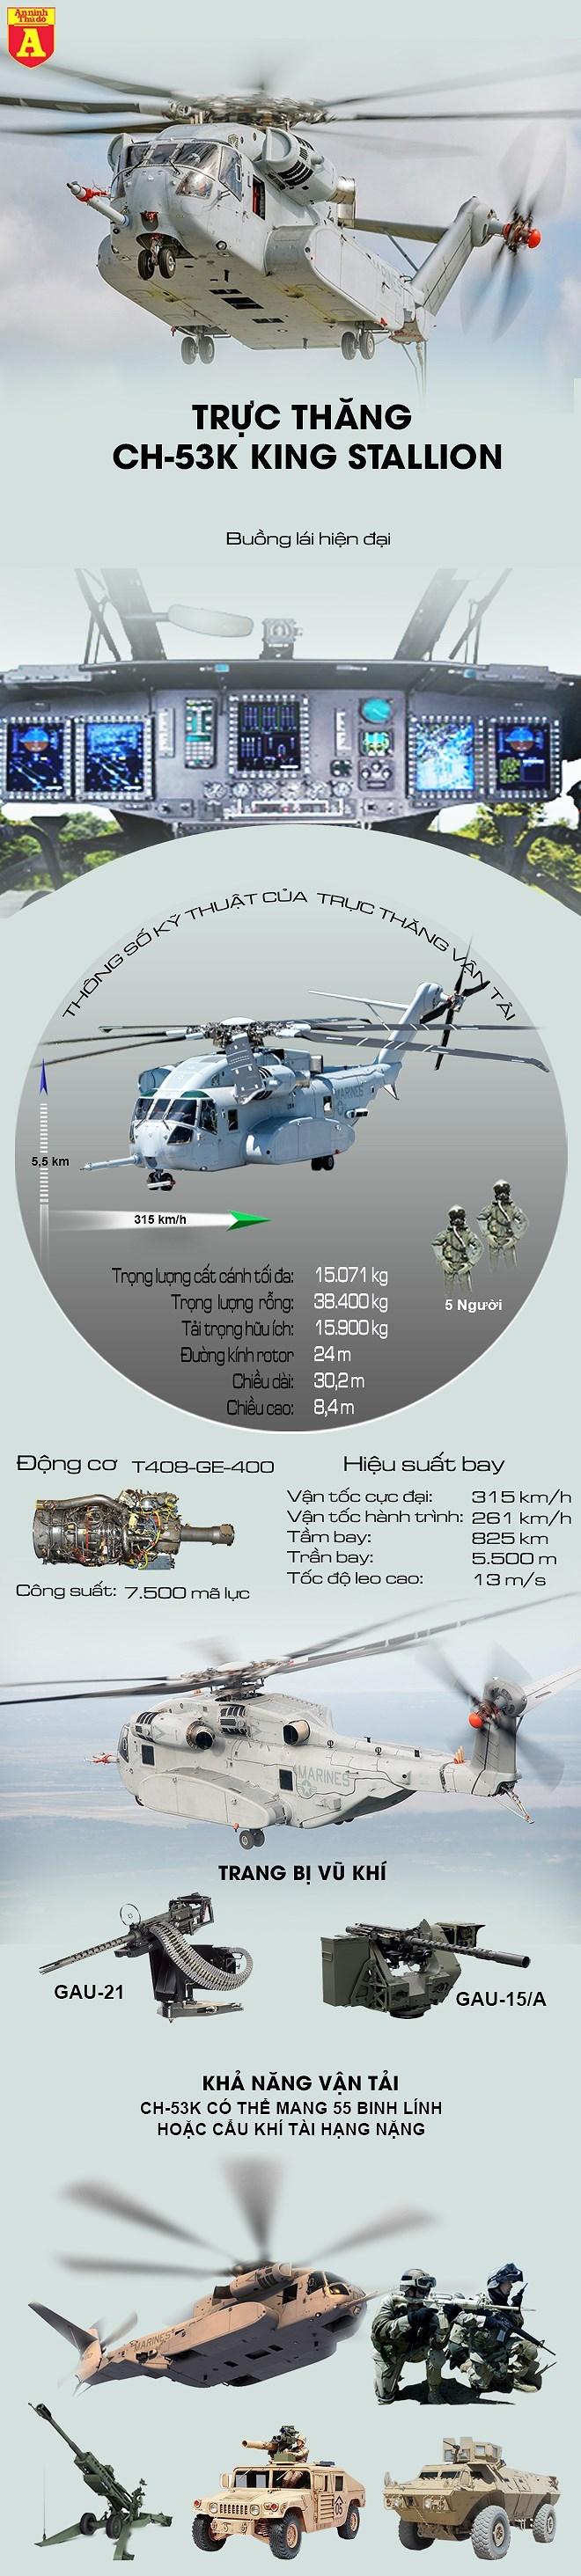 """[Infographics] Sức mạnh kinh hoàng của """"quái thú"""" CH-53K Mỹ - Ảnh 1"""